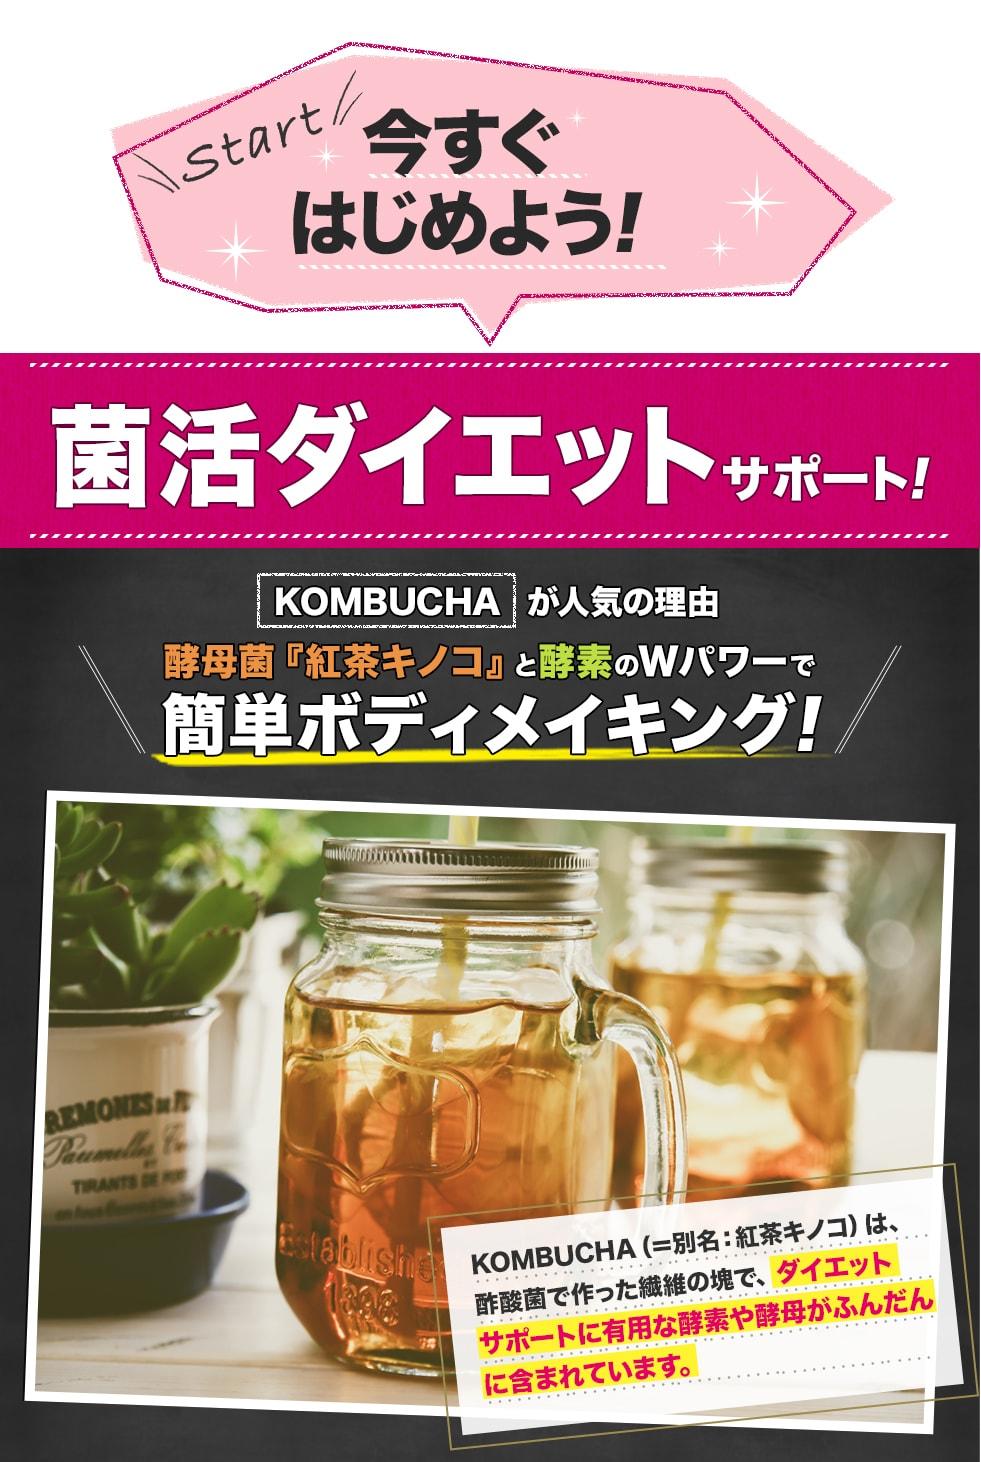 菌活ダイエット,紅茶キノコ,酵素,Wパワー